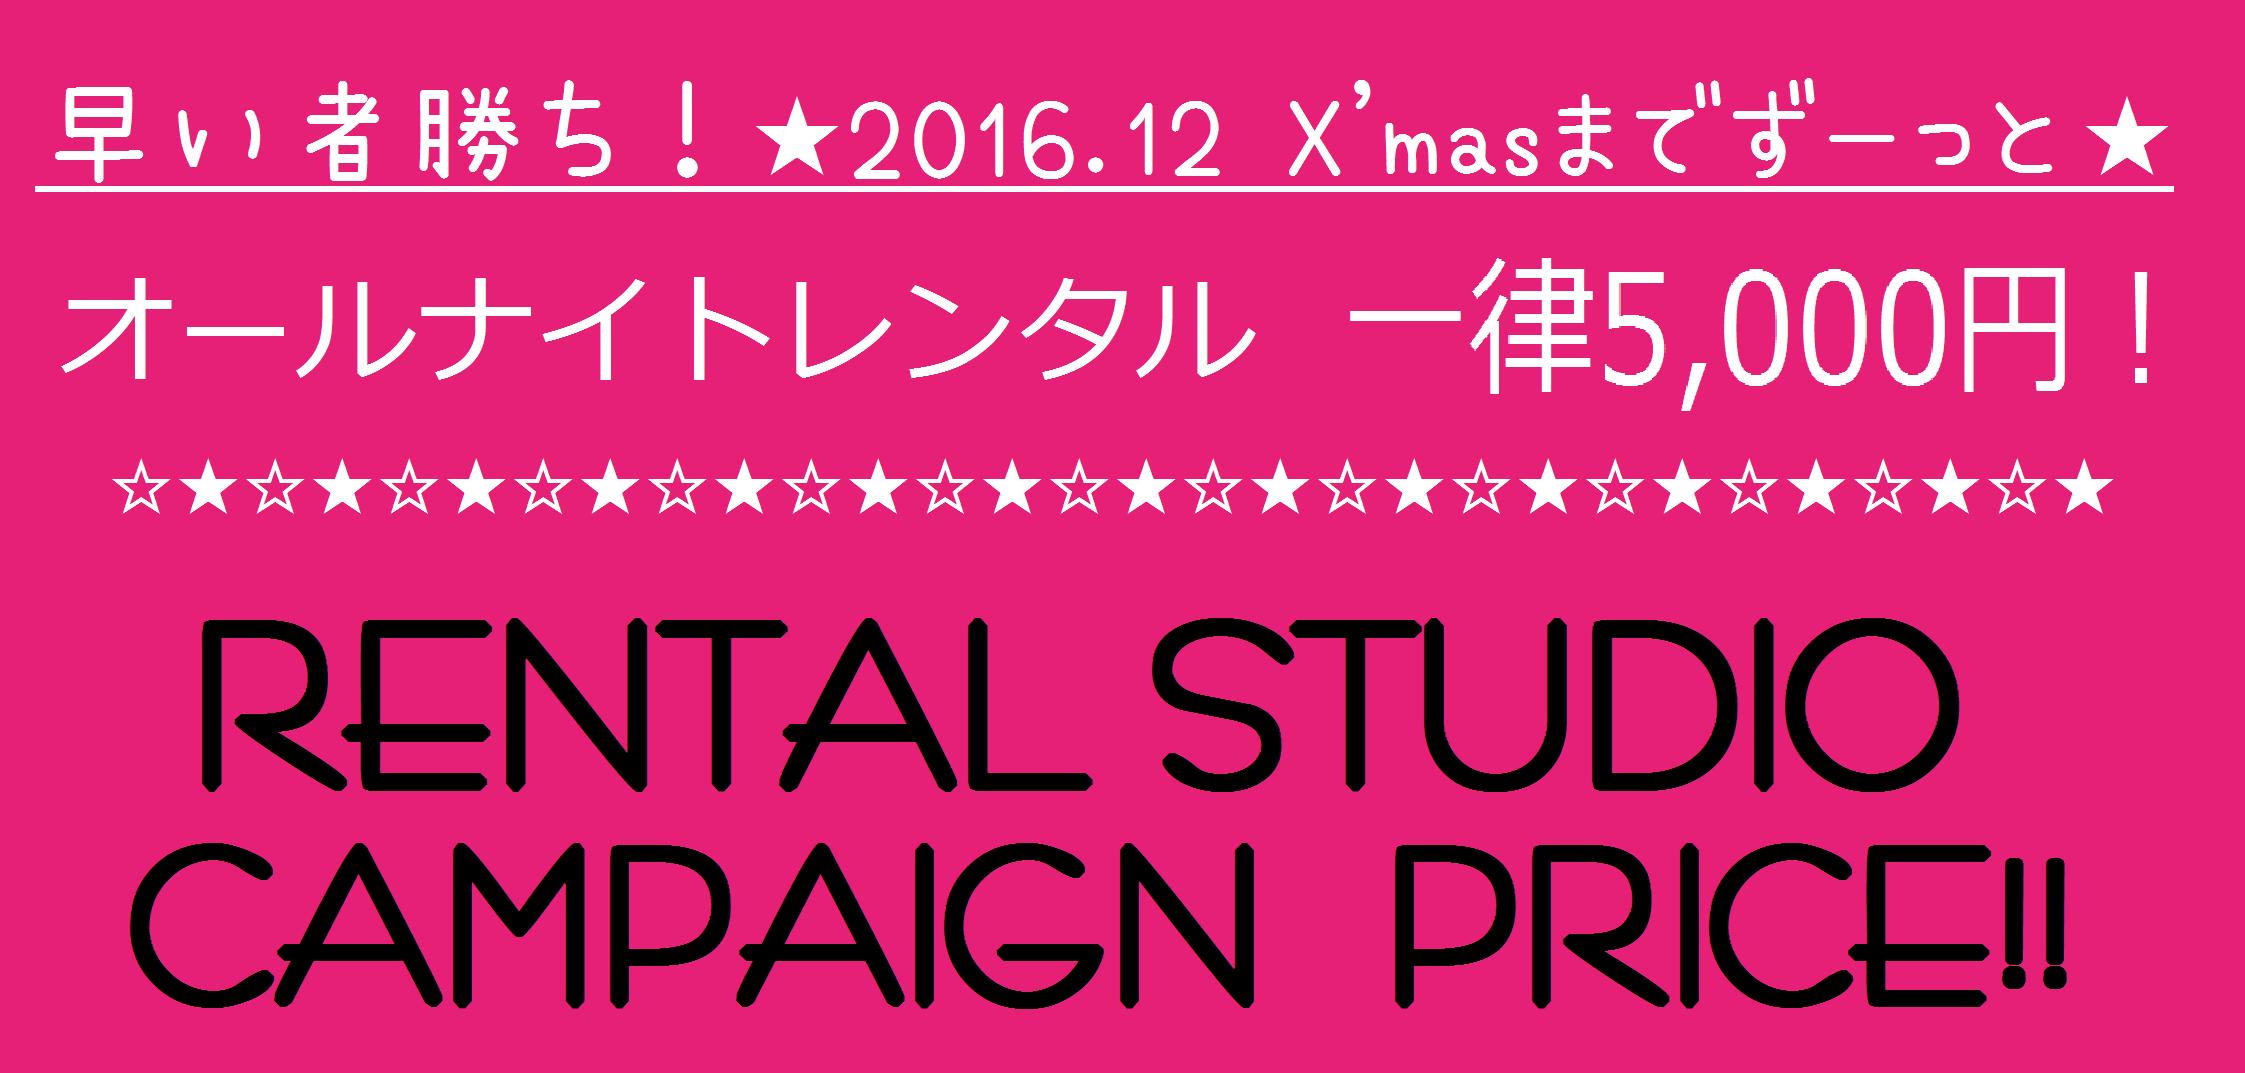 レンタルスタジオ キャンペーン(2016.12 深夜)